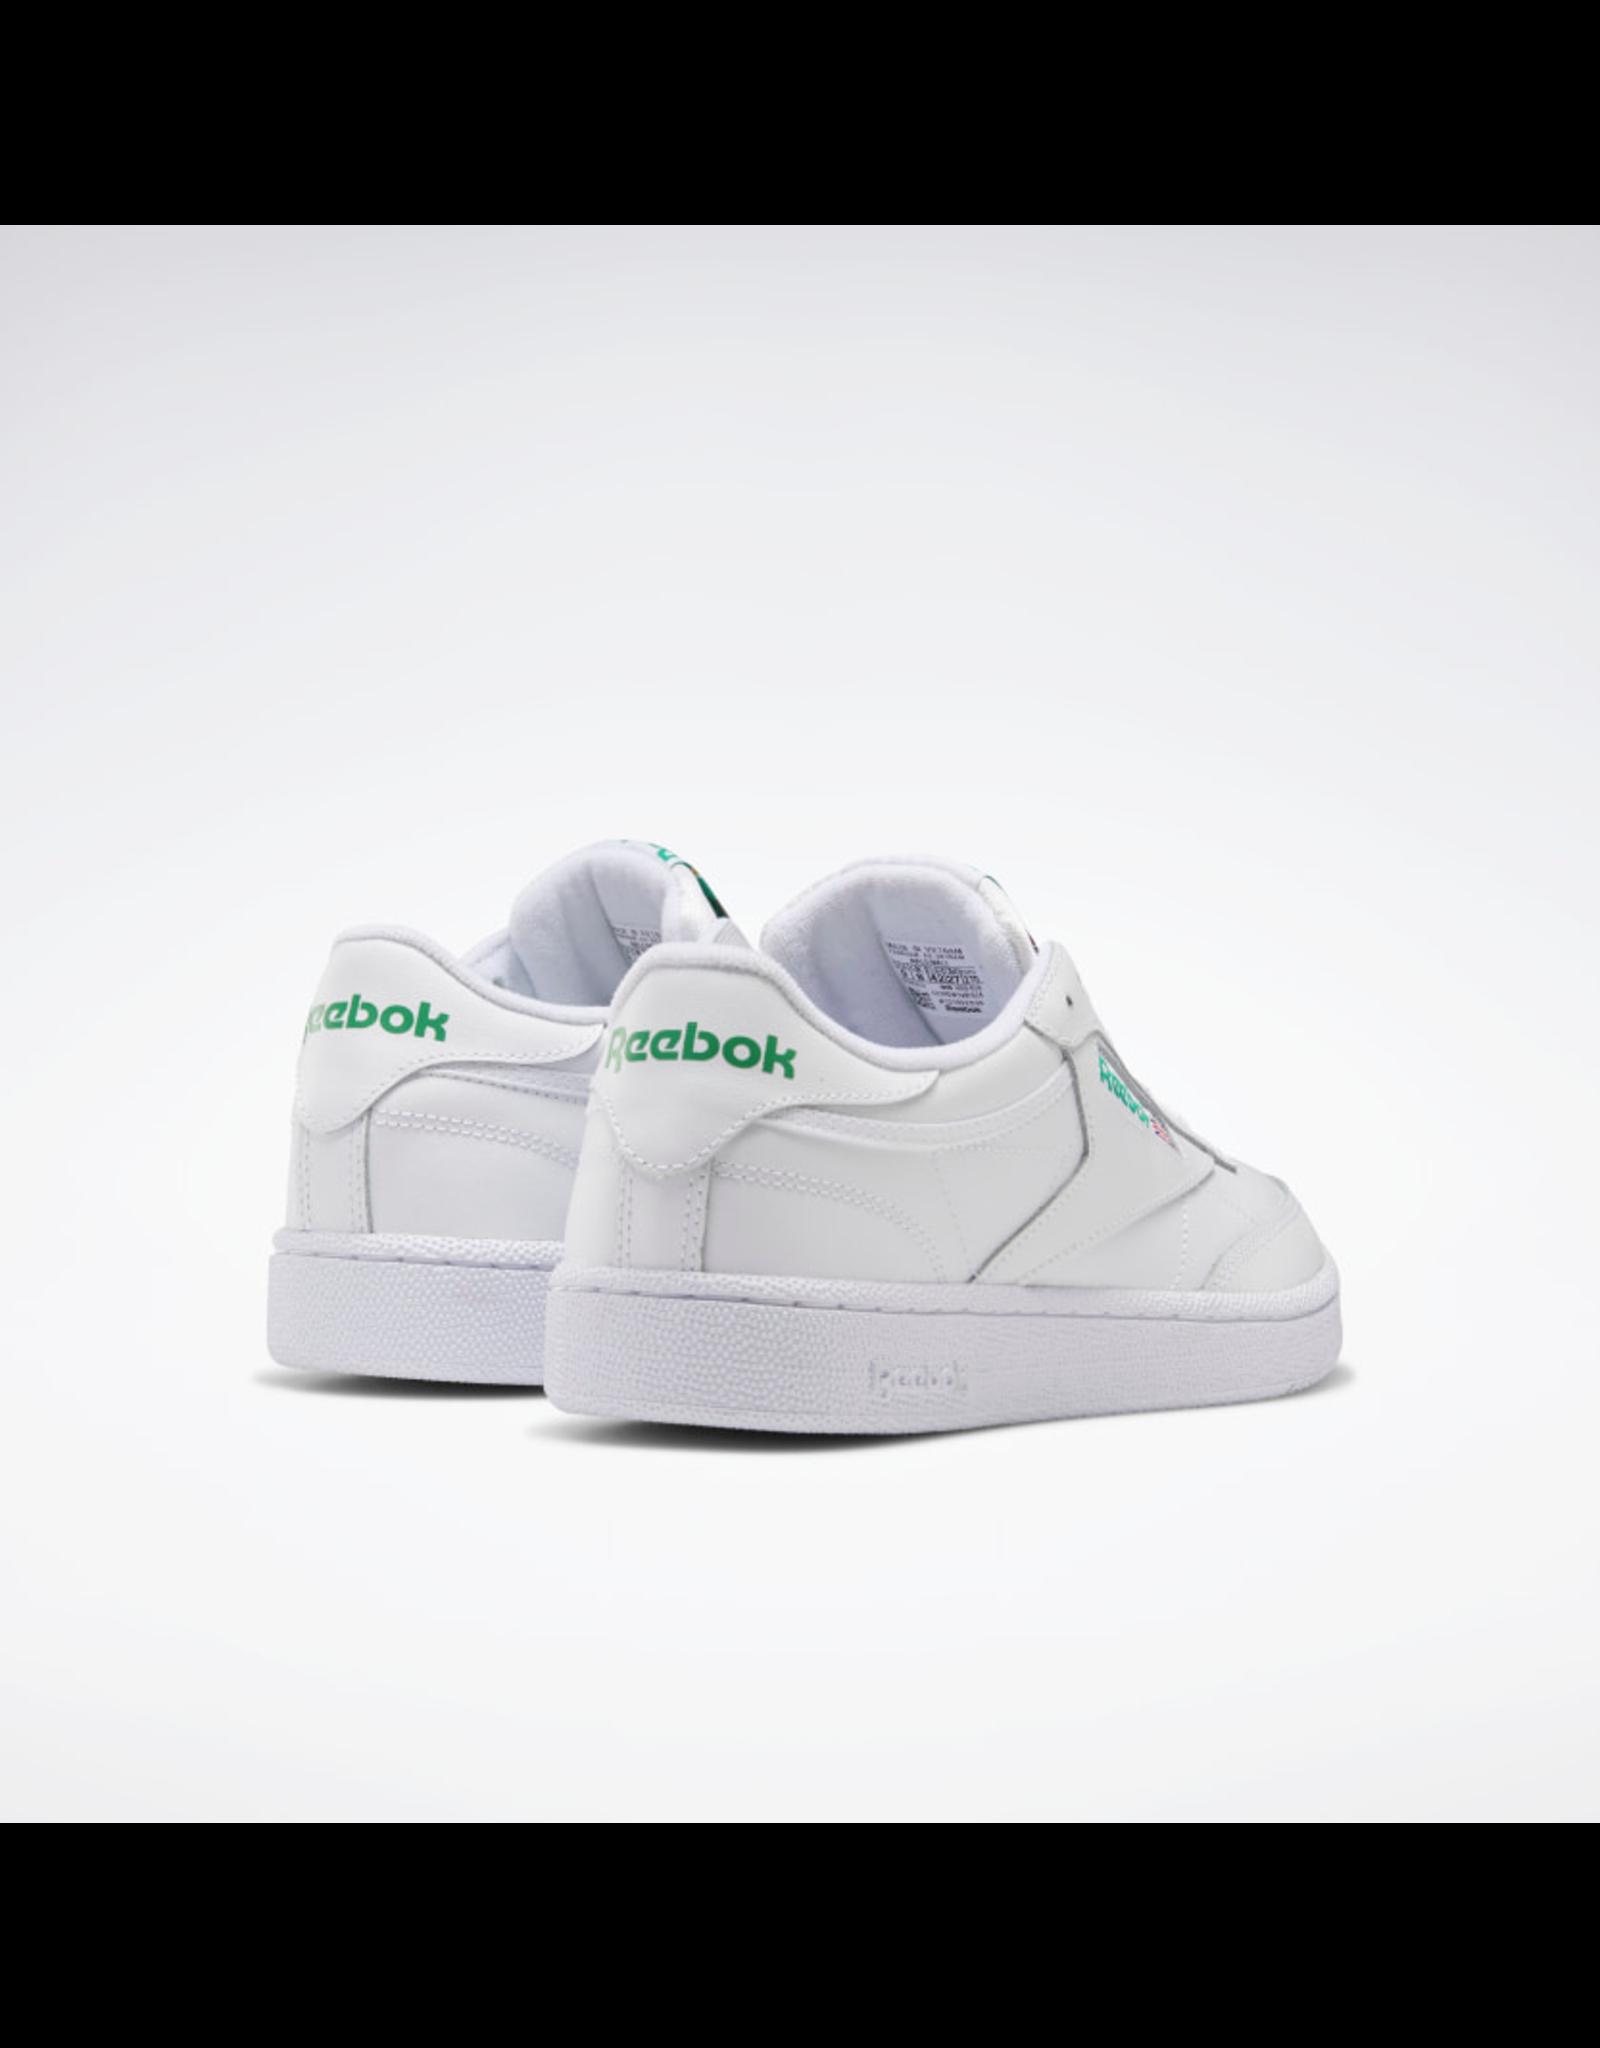 Reebok Club C 85 - Intense White / Green